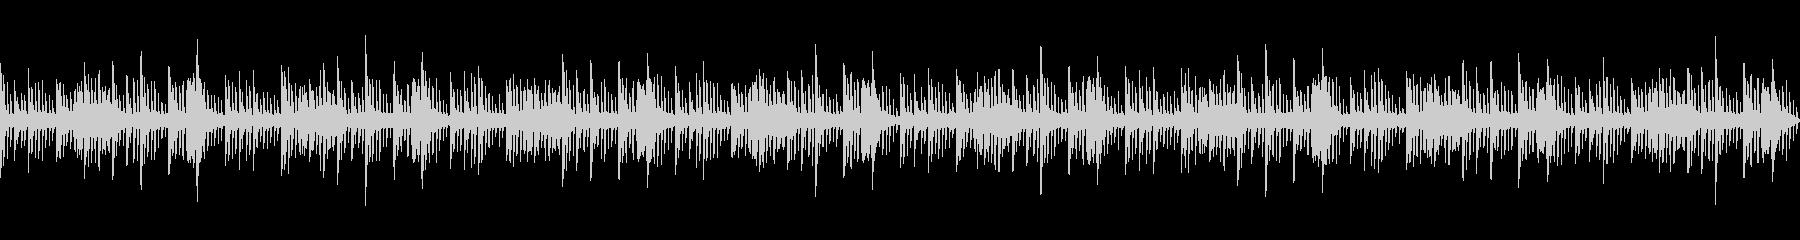 ピアノで奏でる幻想的なヒーリングBGMの未再生の波形